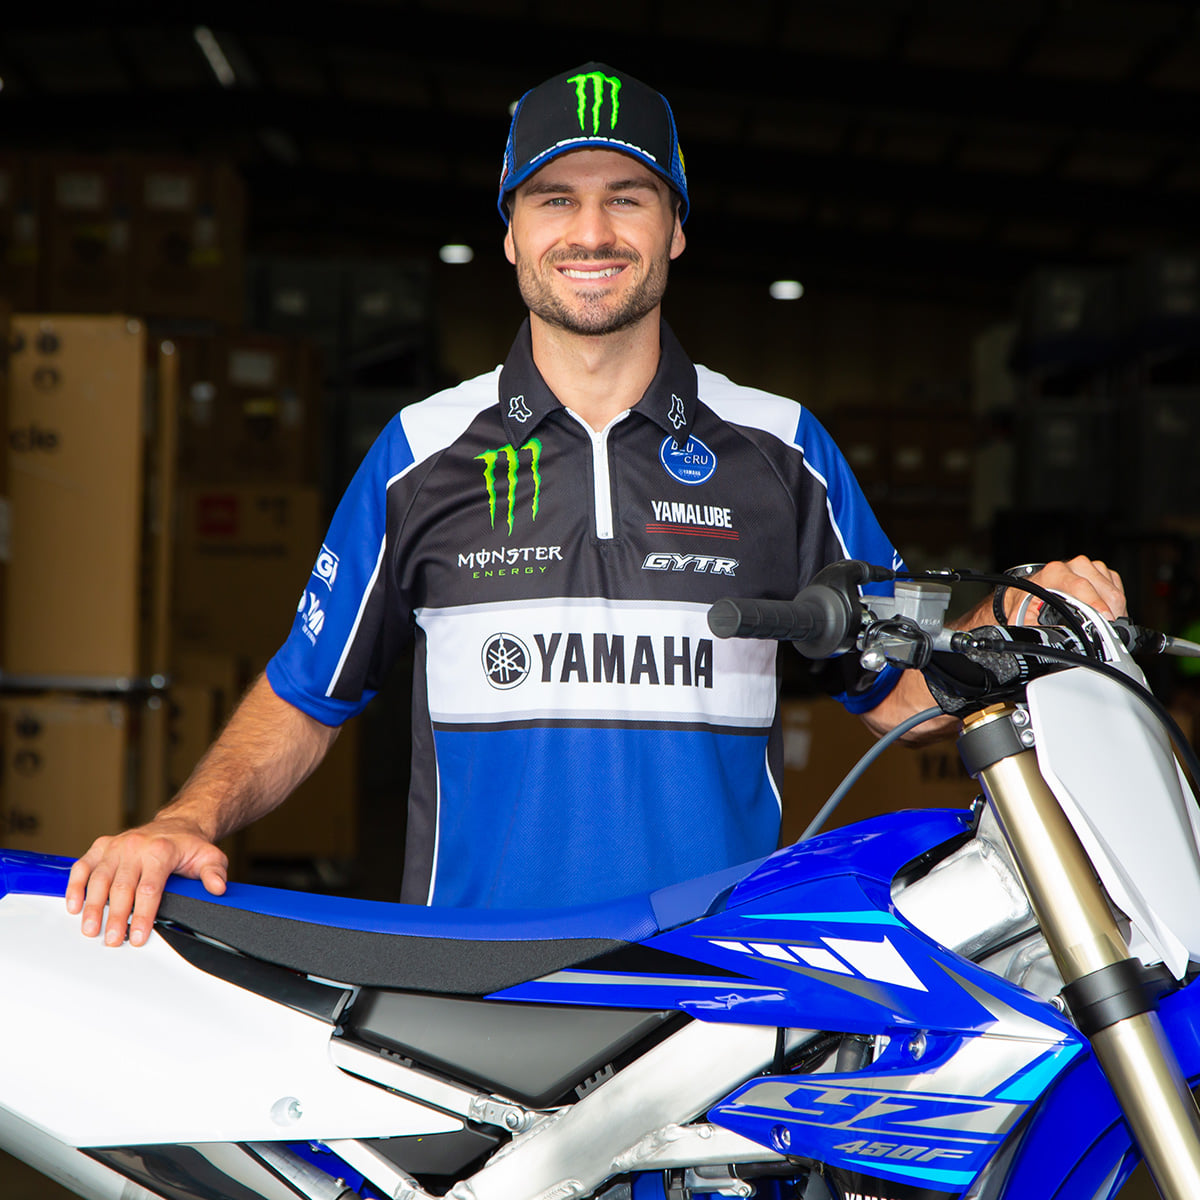 Hayden Mellross CDR Yamaha